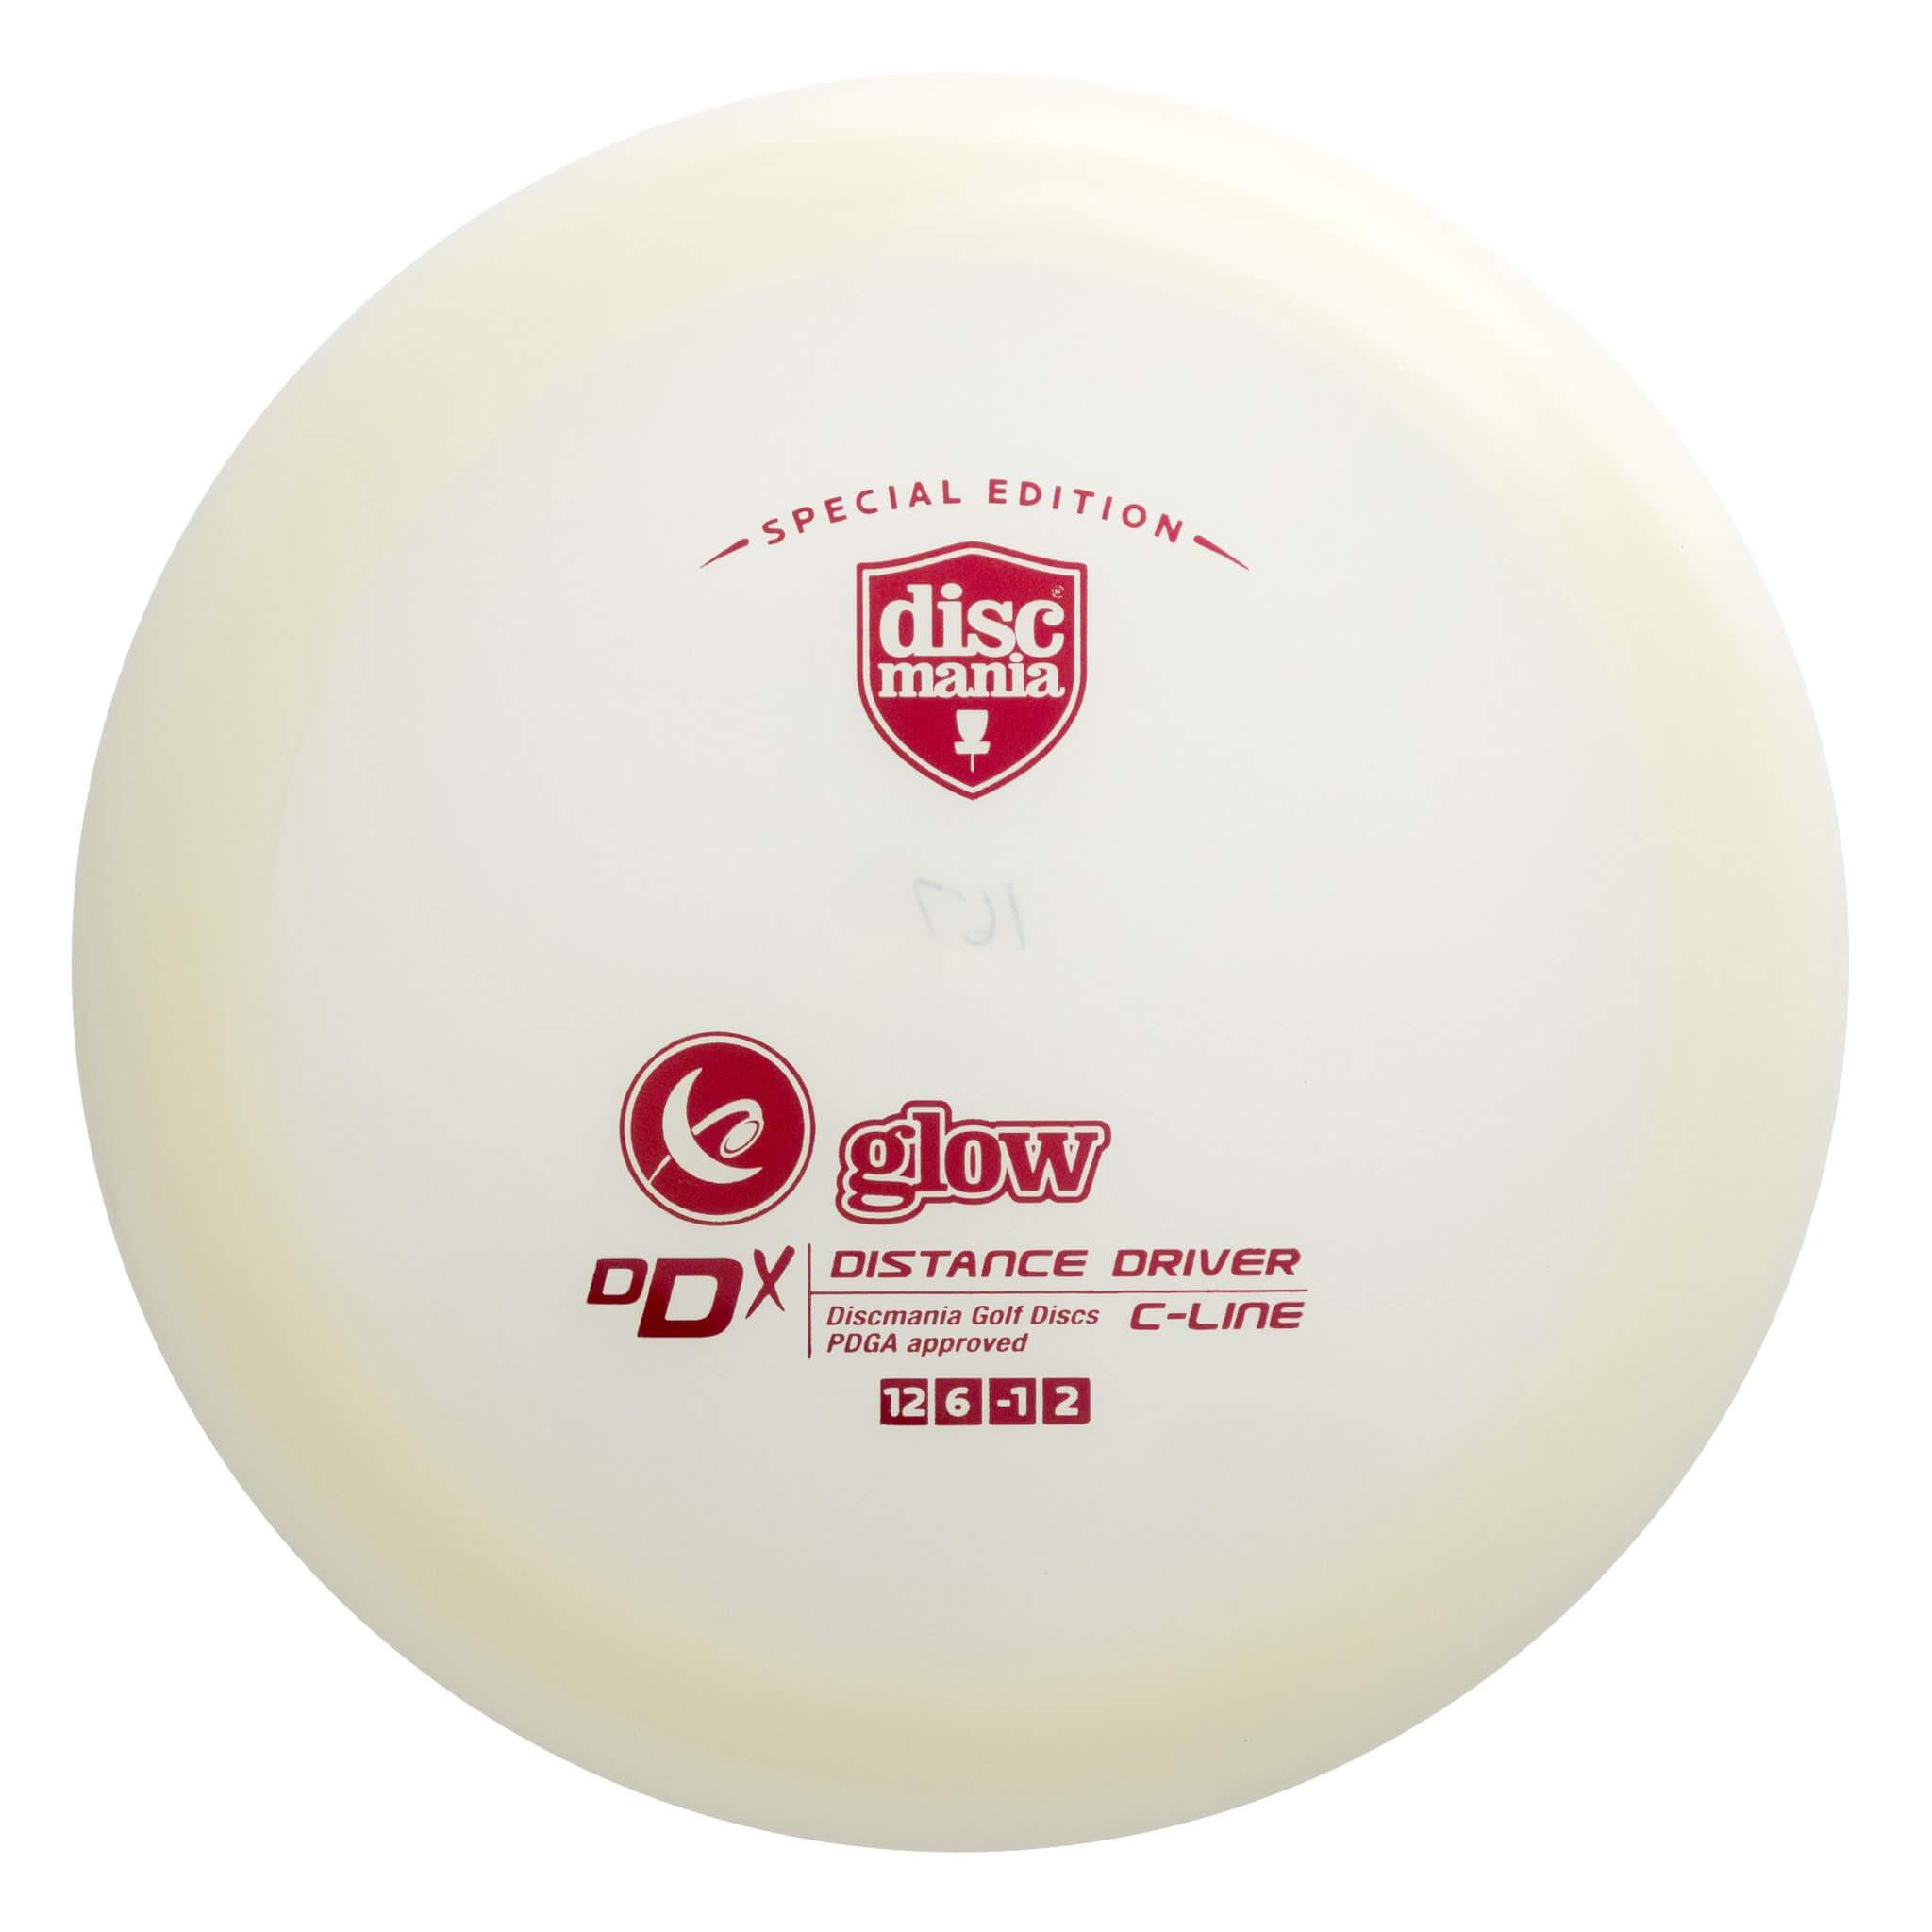 Discmania C-Line Glow DDX